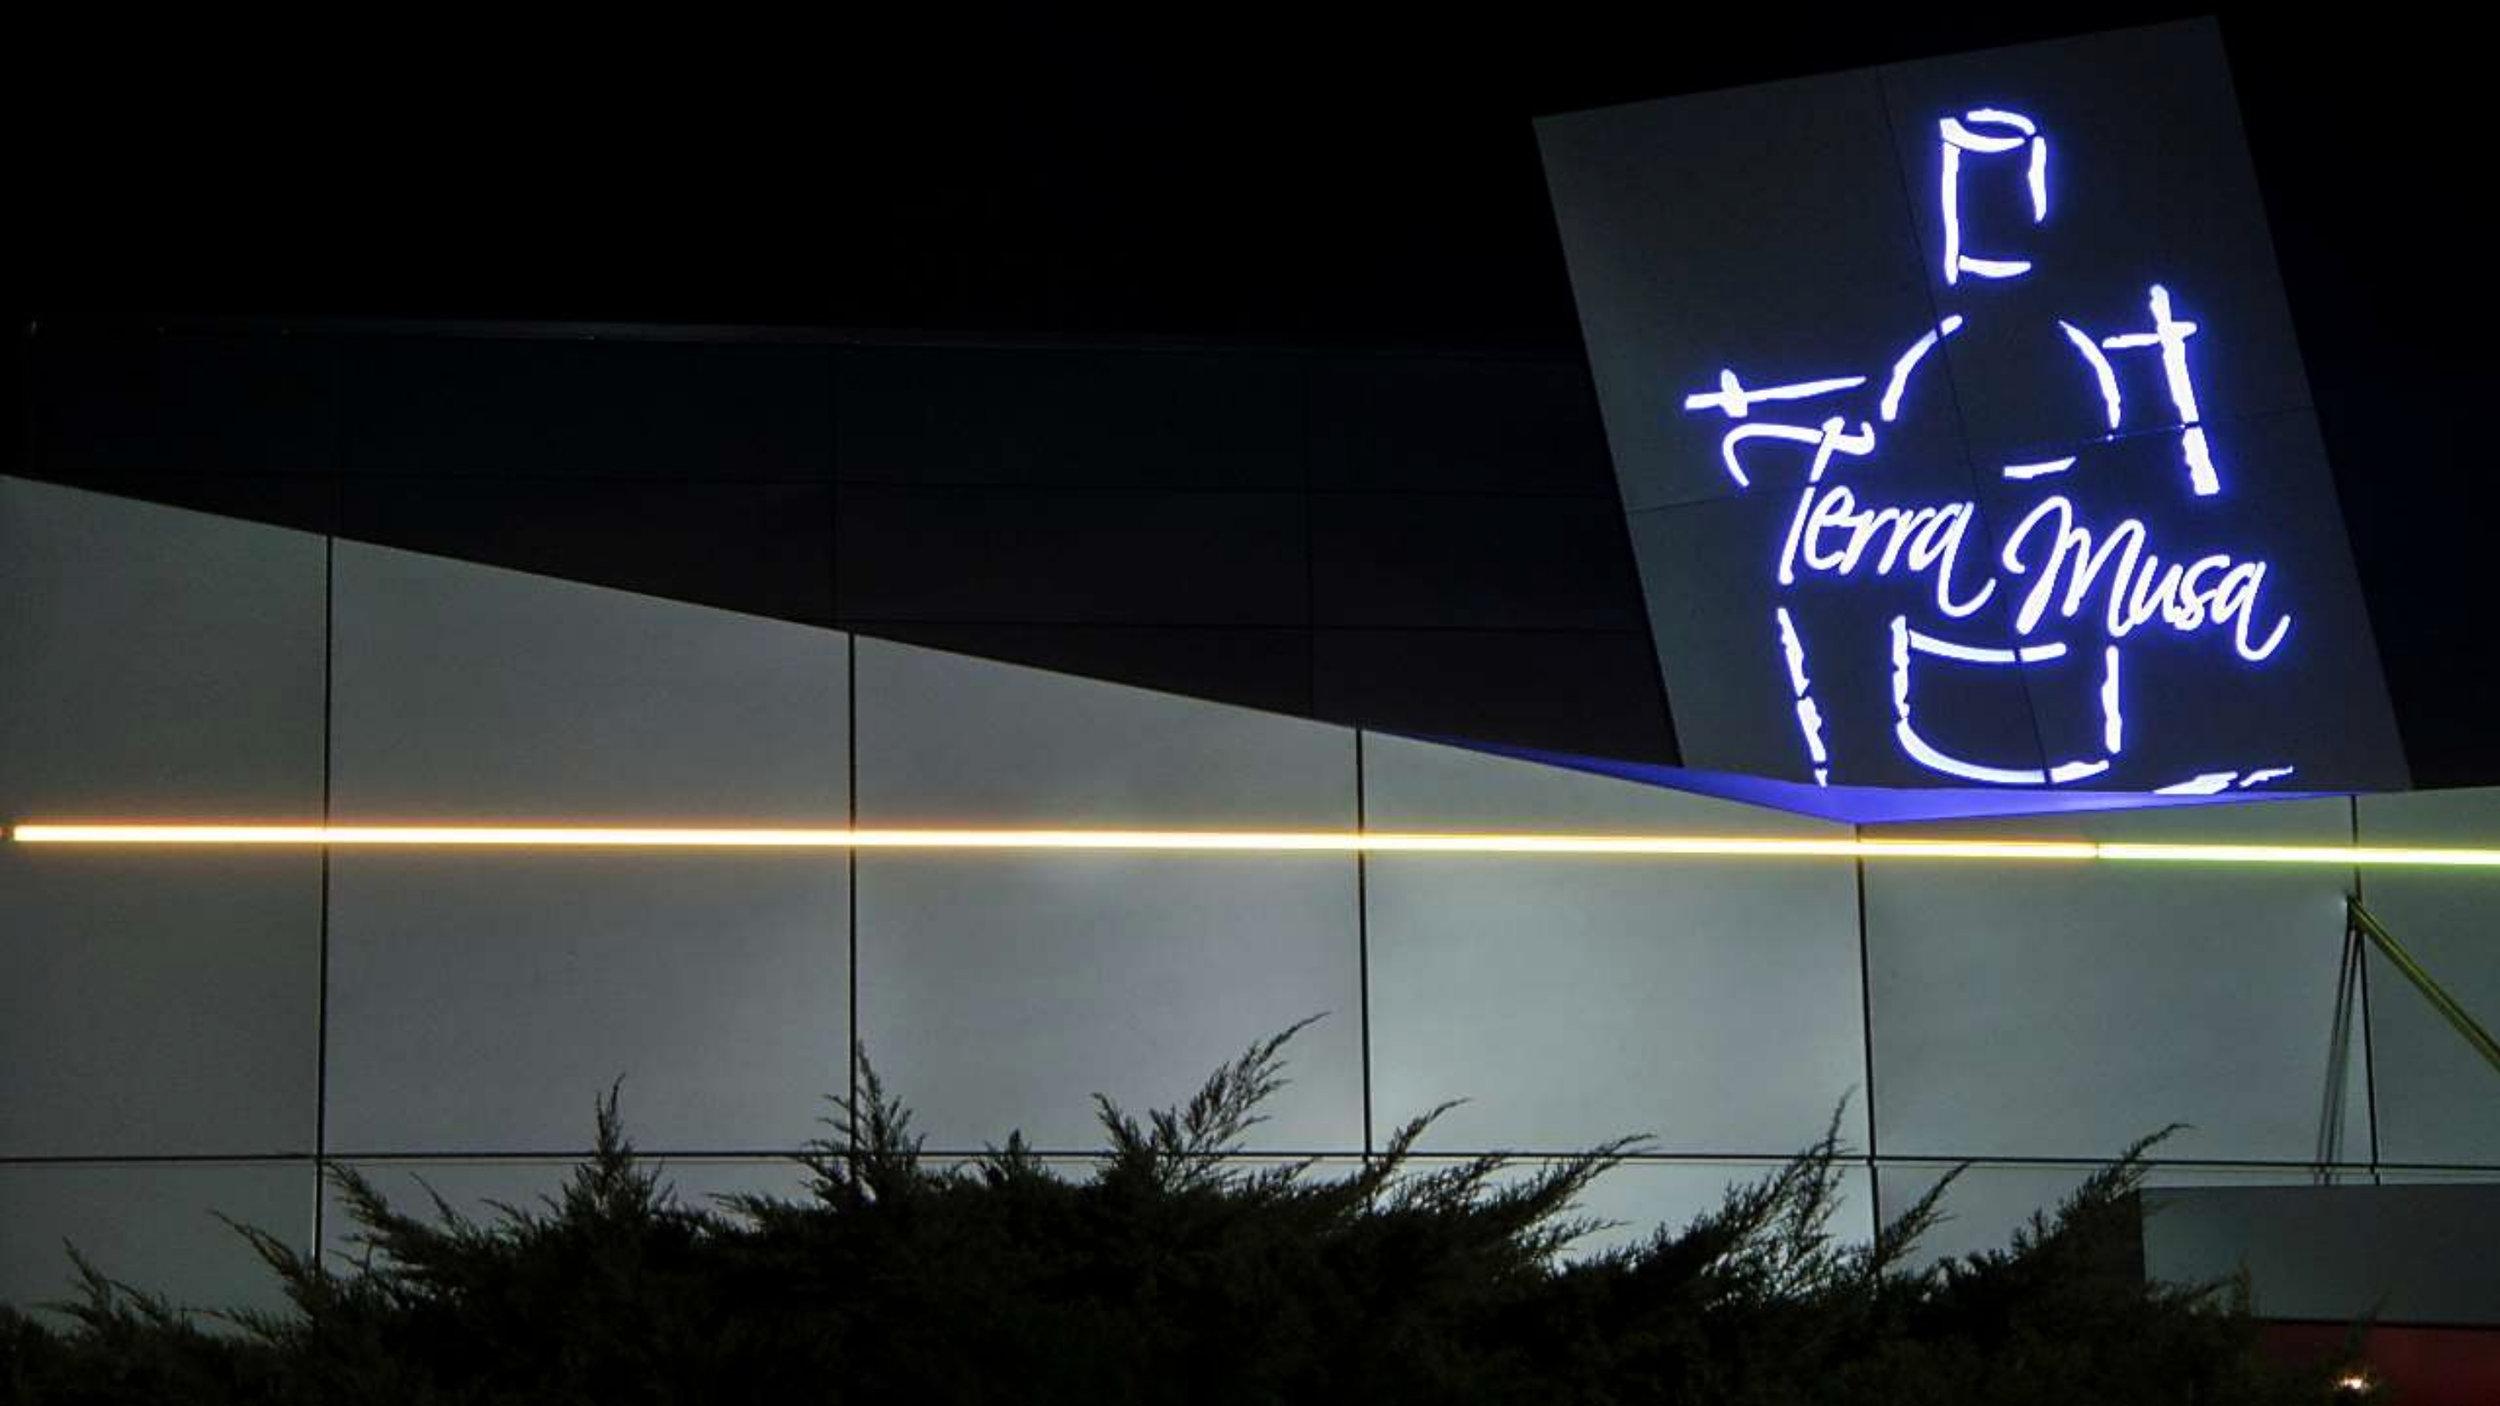 MUSARAGNO TERRA M winery night photo.jpg